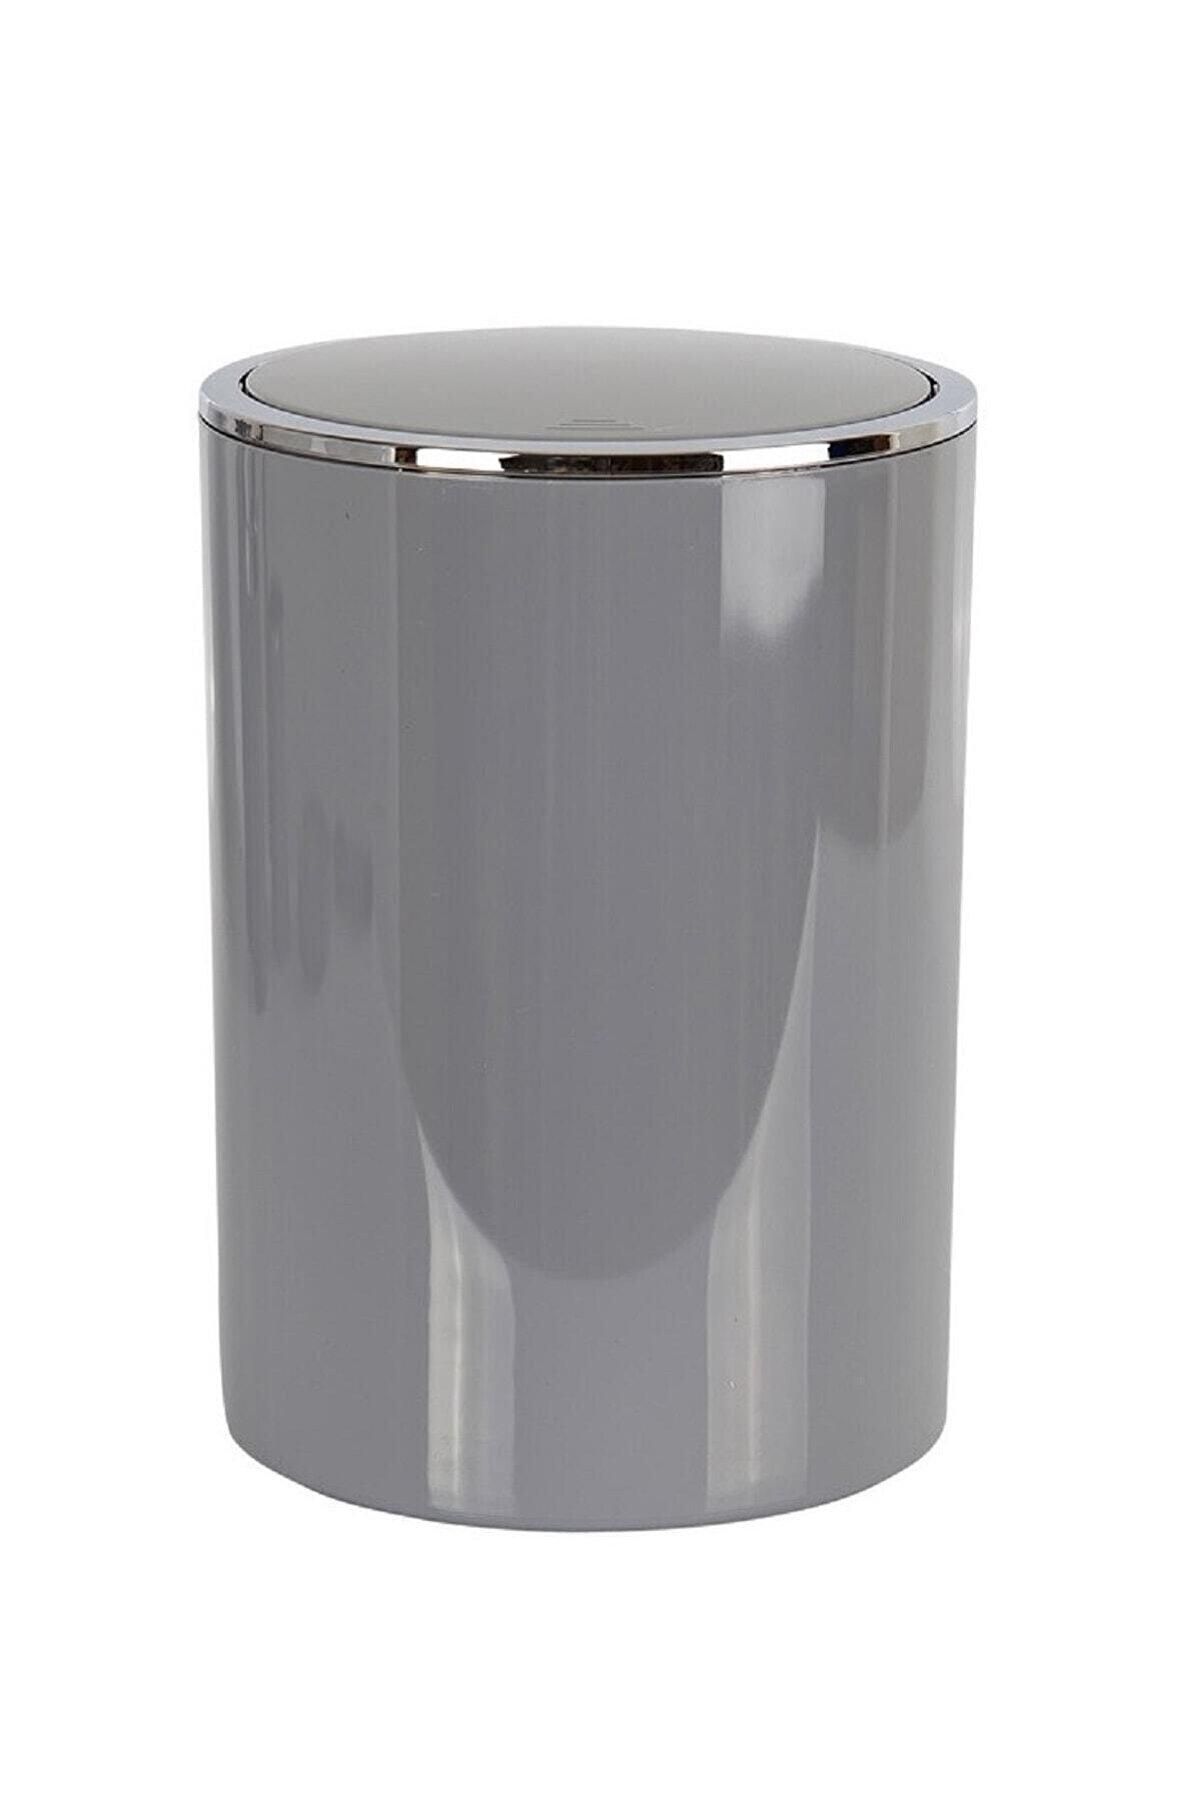 Prima Nova Lenox Çöp Kovası 6 lt Gri (E35)